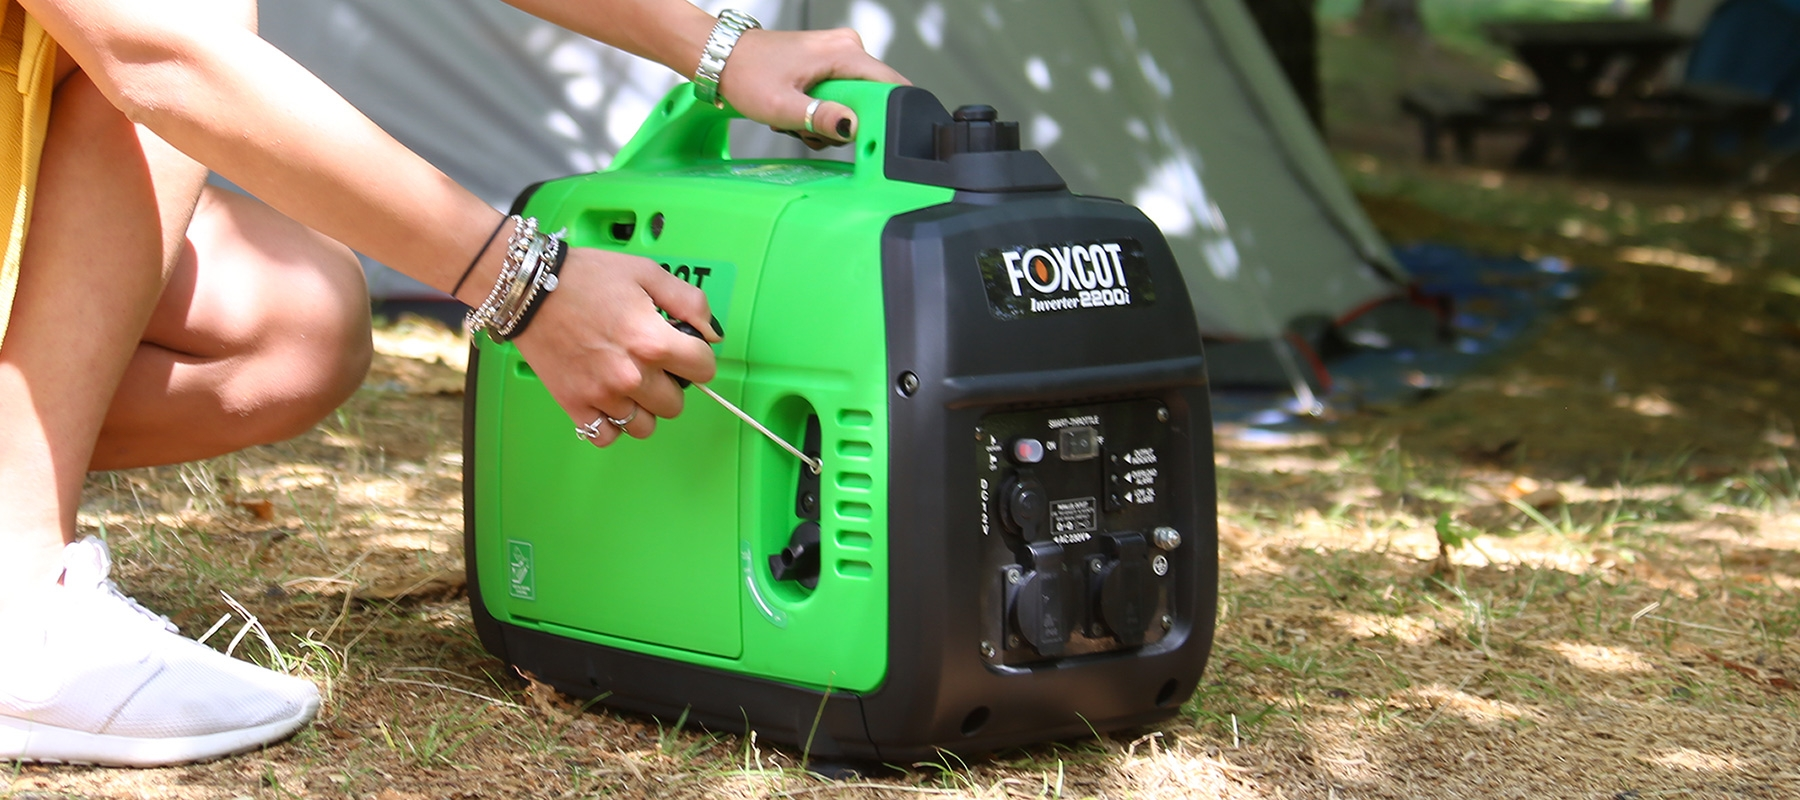 avviamento-semplice-a-strappo-generatore-foxcot